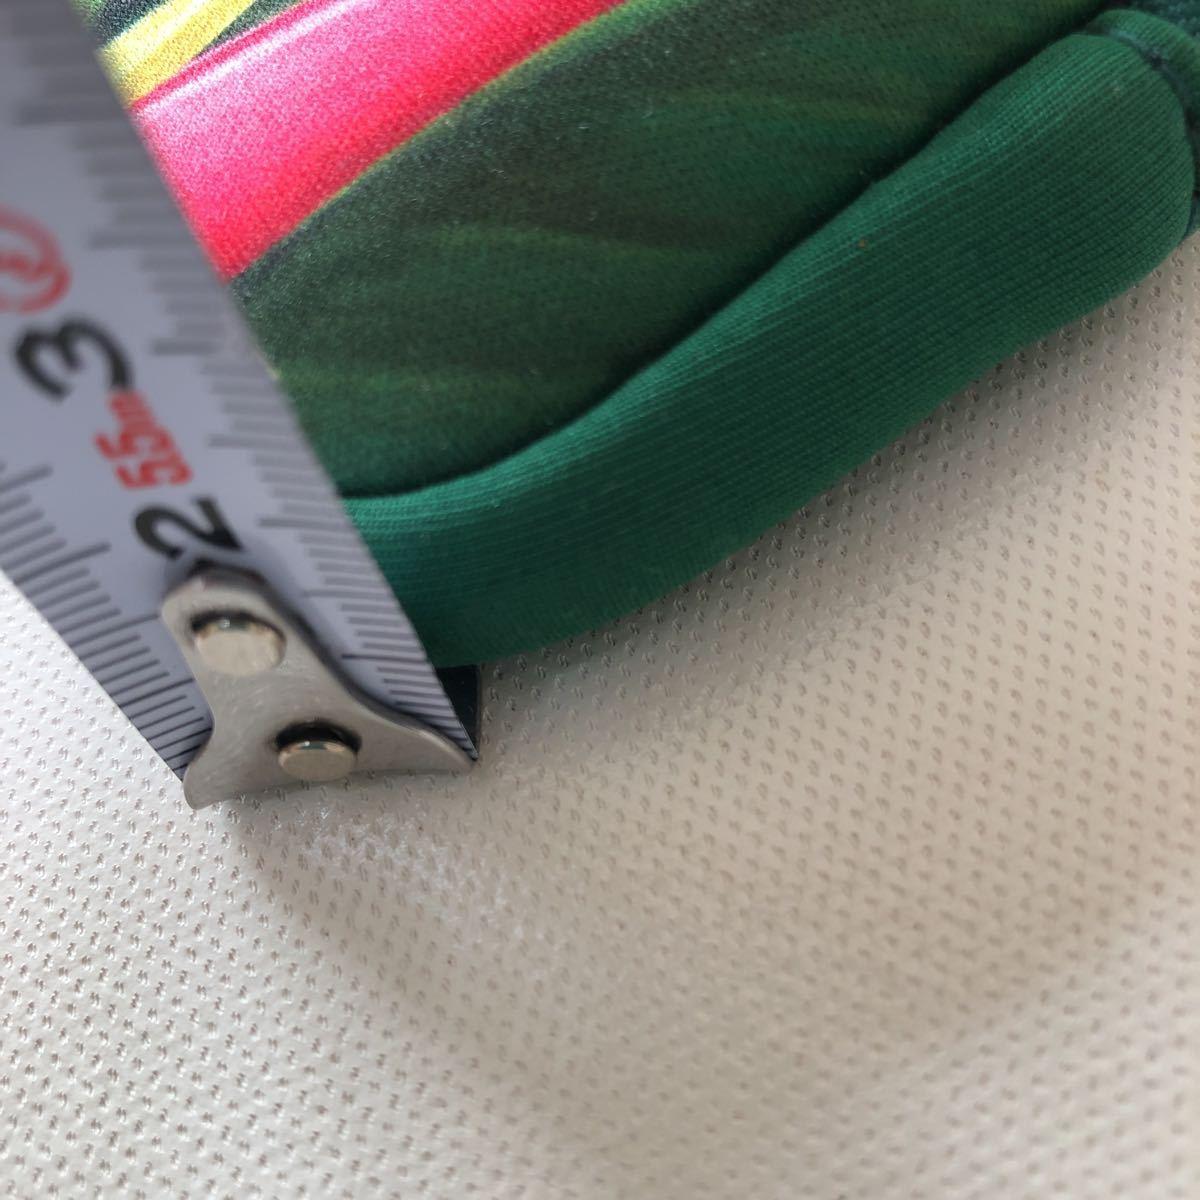 オーストラリア お土産 小物入れ ミニポーチ ポーチ ファスナーポーチ 小銭入れ グリーン 爬虫類_画像6